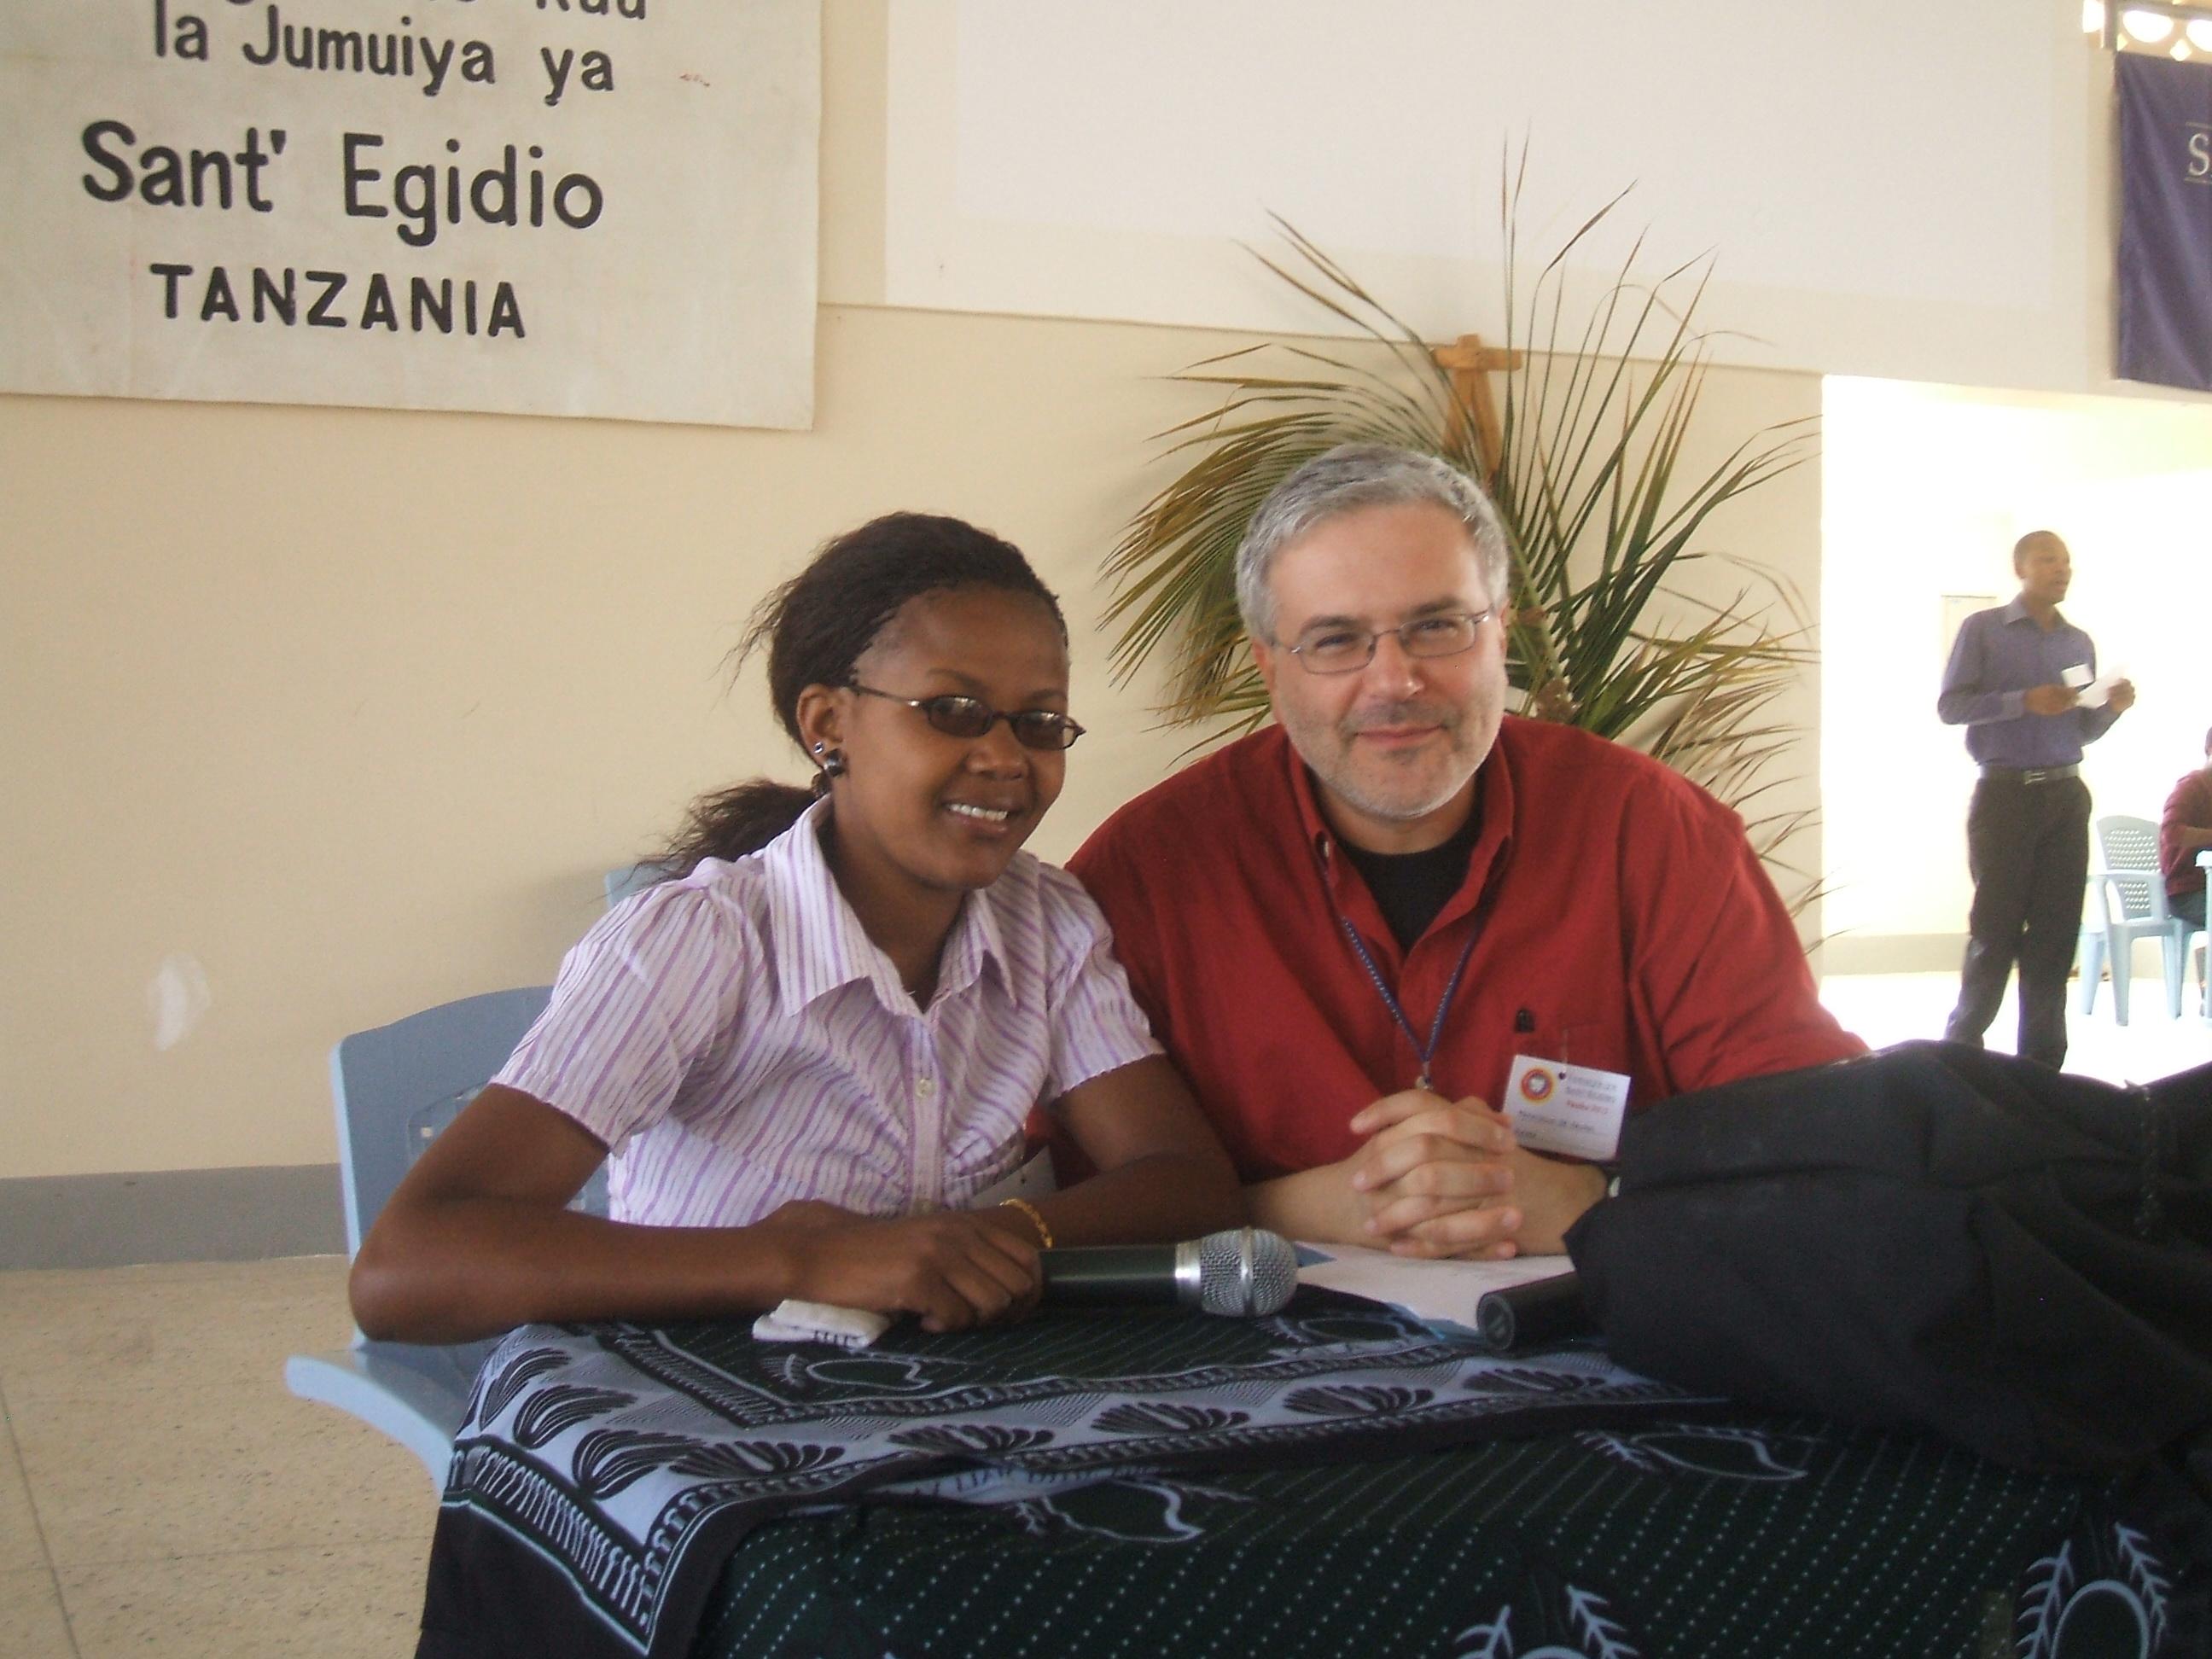 Community of Sant'Egidio in Africa